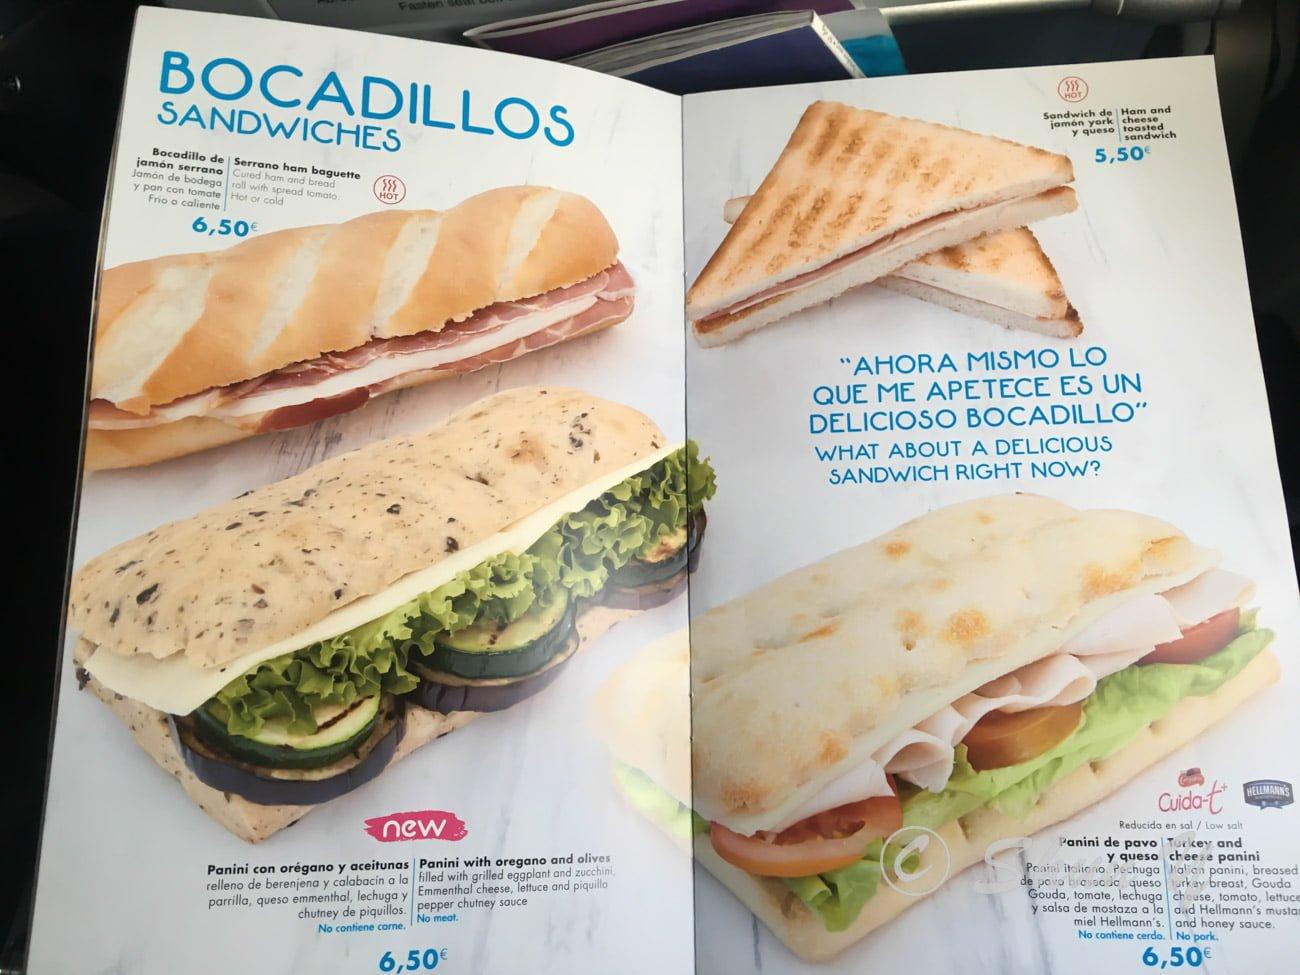 エアヨーロッパの機内食